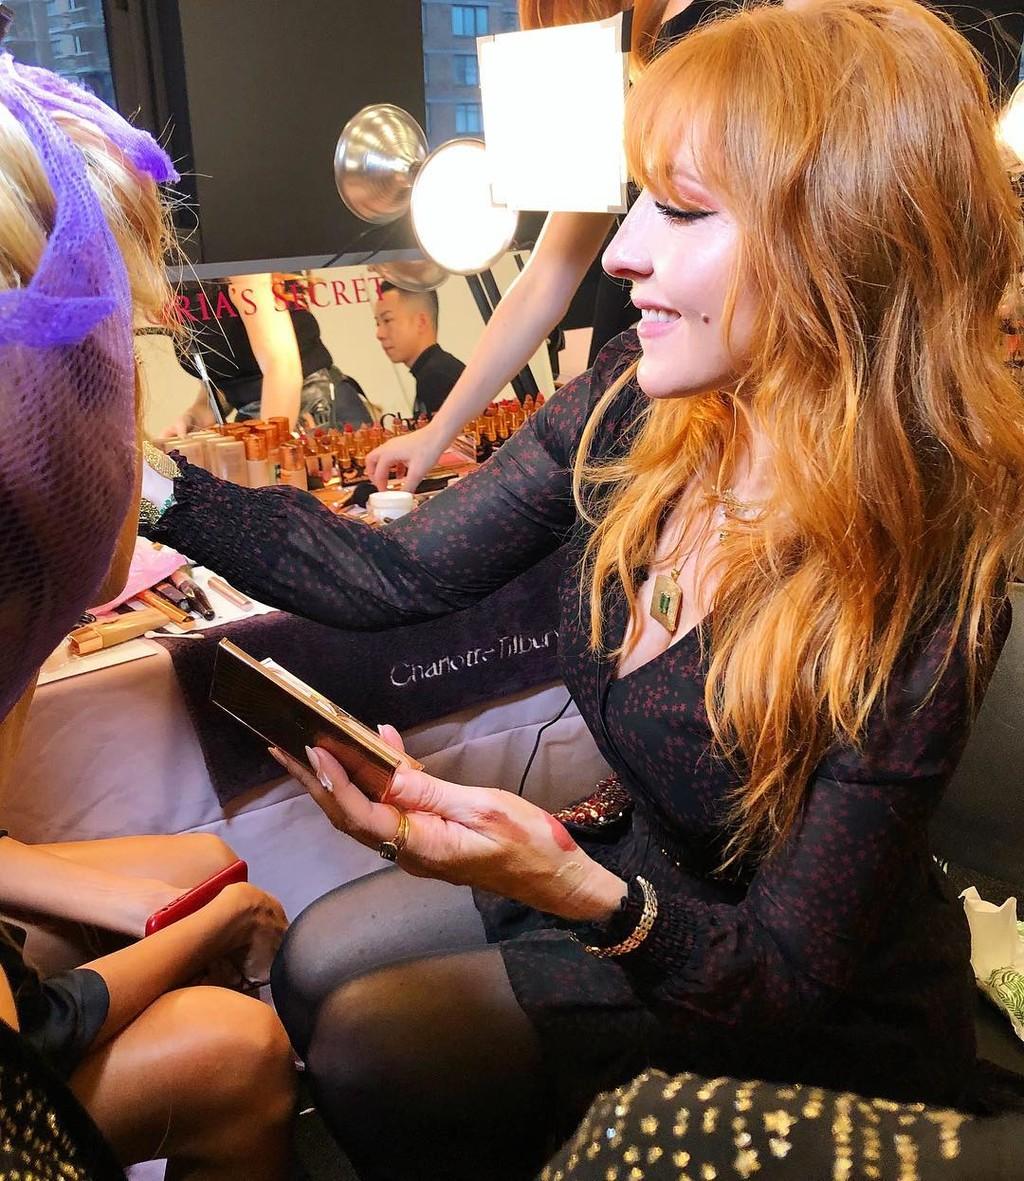 Charlotte Tilbury (con sus maravillosos productos) crea los looks de maquillaje de los ángeles de Victoria's Secret